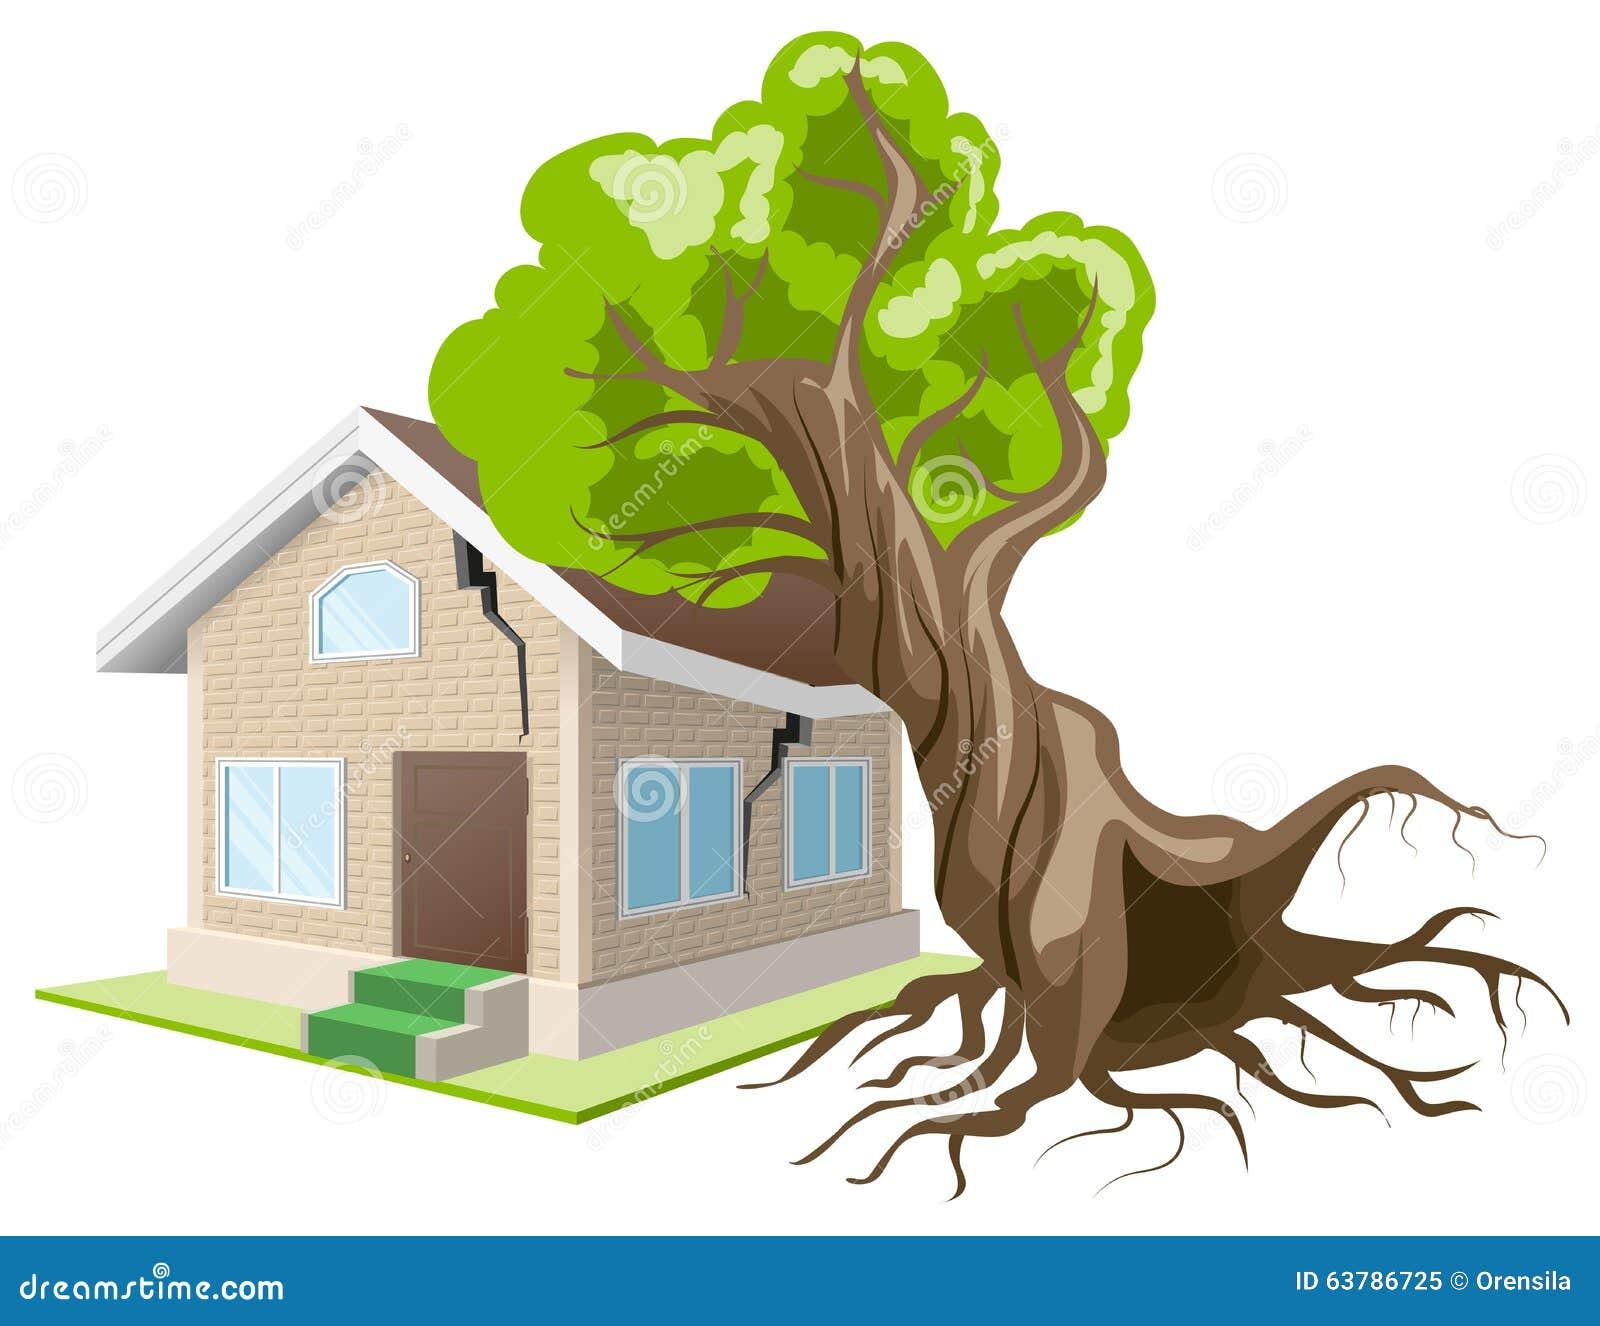 l 39 arbre est tomb sur la maison assurance la maison illustration de vecteur image 63786725. Black Bedroom Furniture Sets. Home Design Ideas